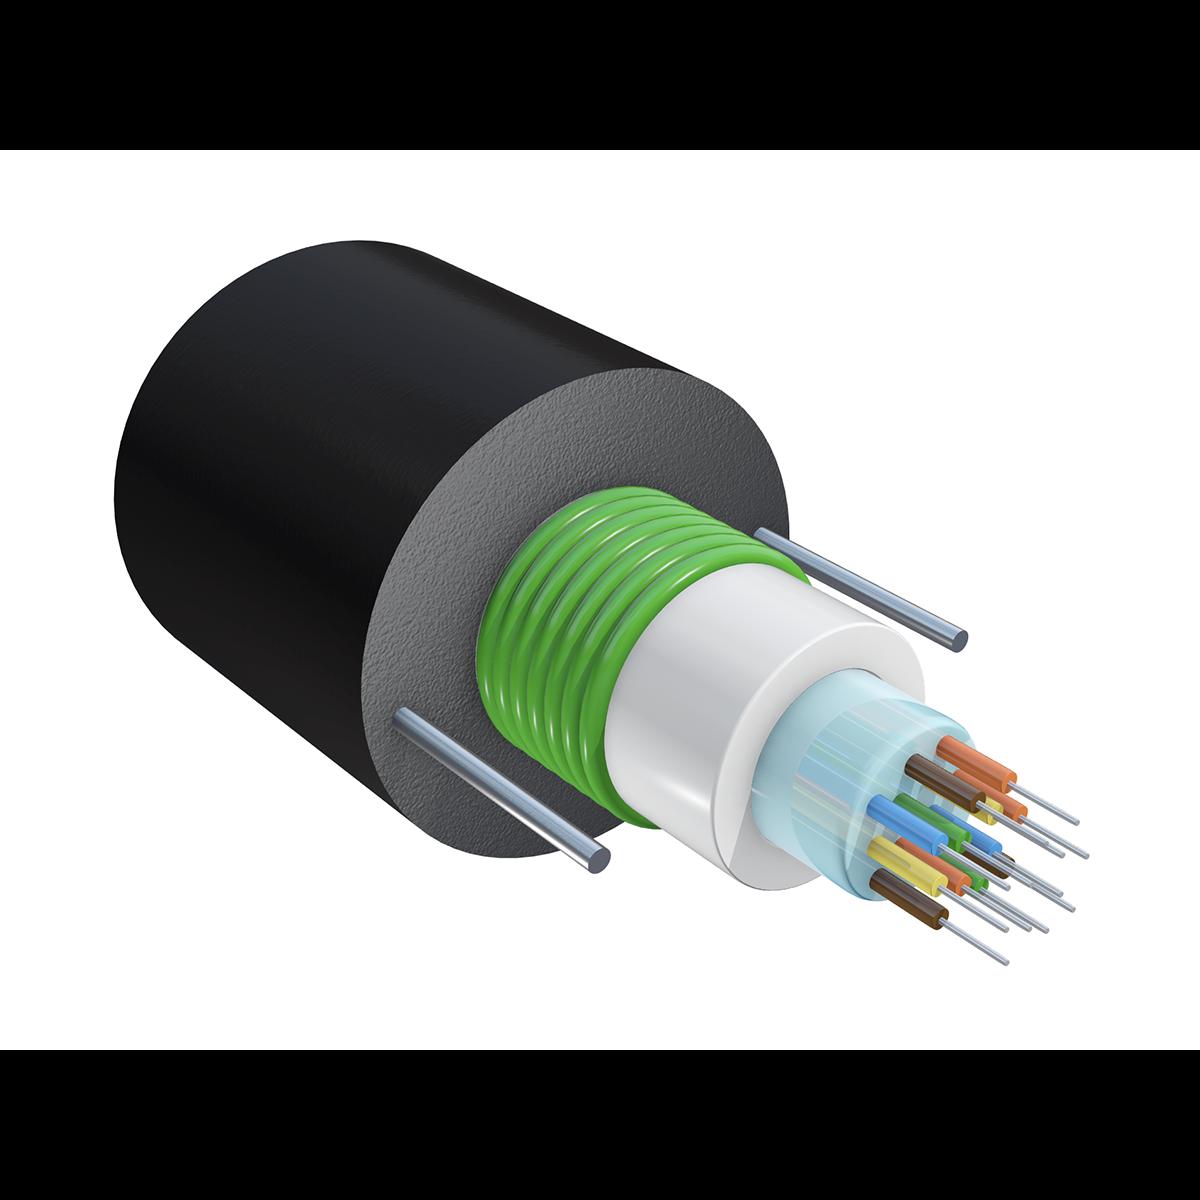 Кабель оптический SNR-FOCB-UT-0-12-C, волокно Corning SMF-28 Ultra